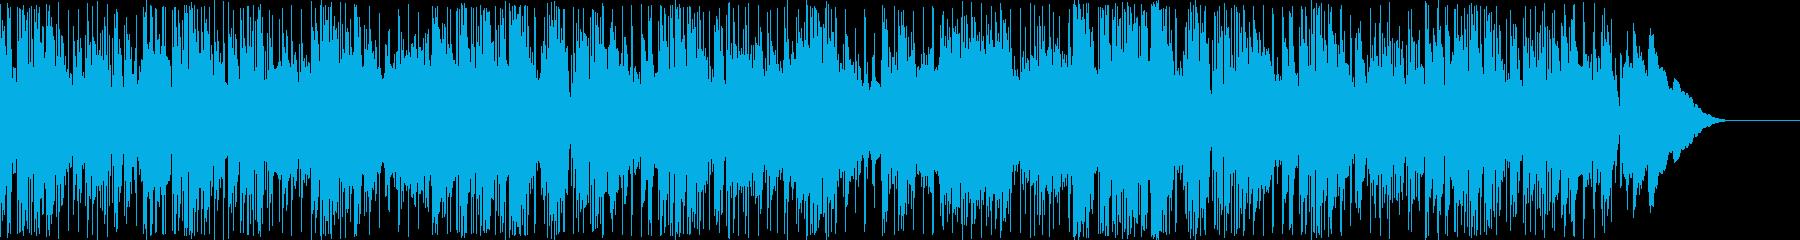 回想シーンなどに最適な楽曲です。の再生済みの波形